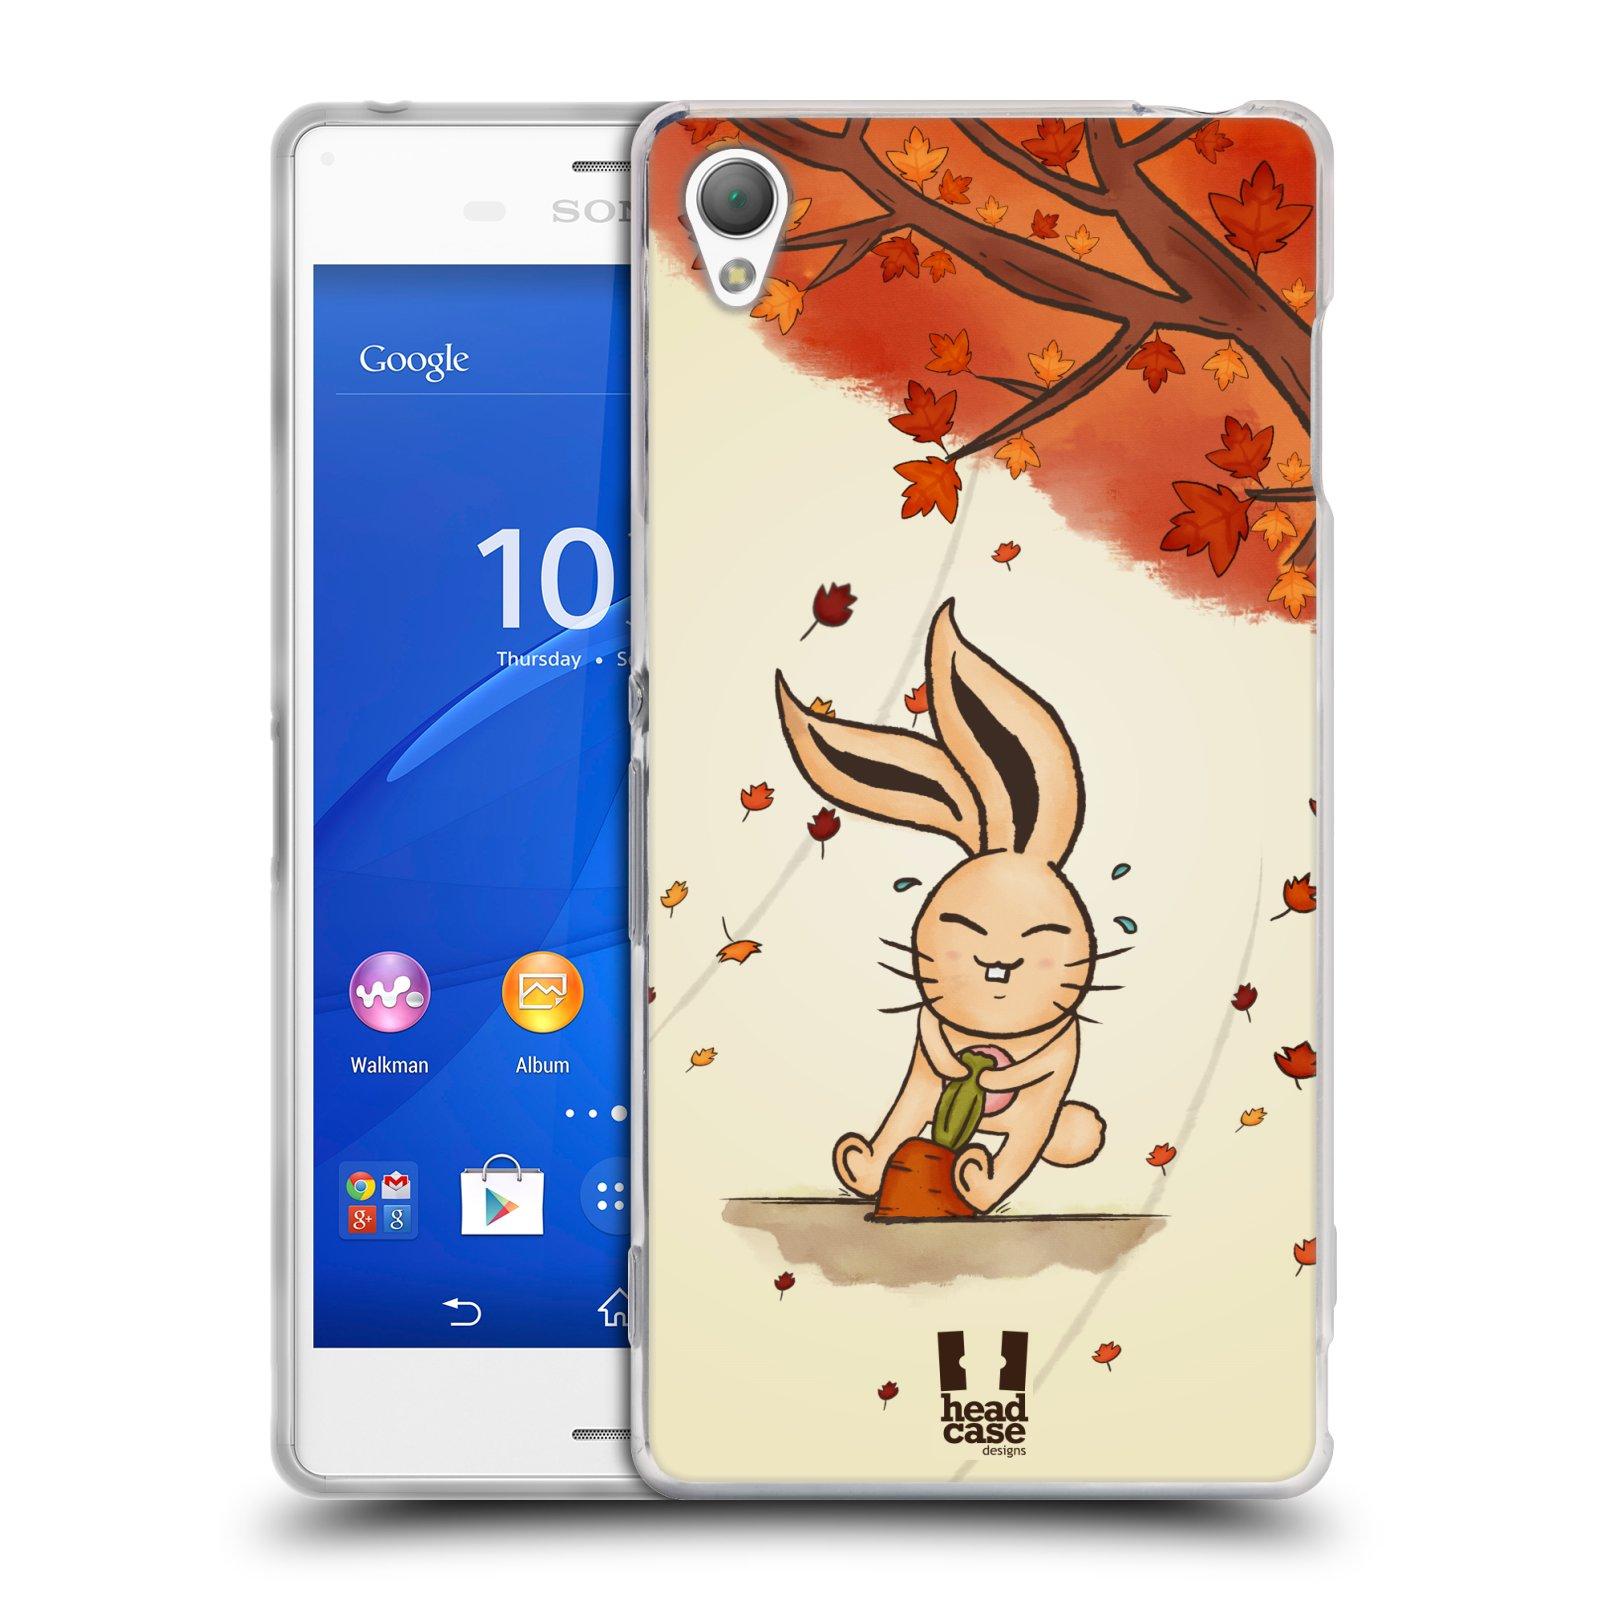 HEAD CASE silikonový obal na mobil Sony Xperia Z3 vzor podzimní zvířátka zajíček a mrkev